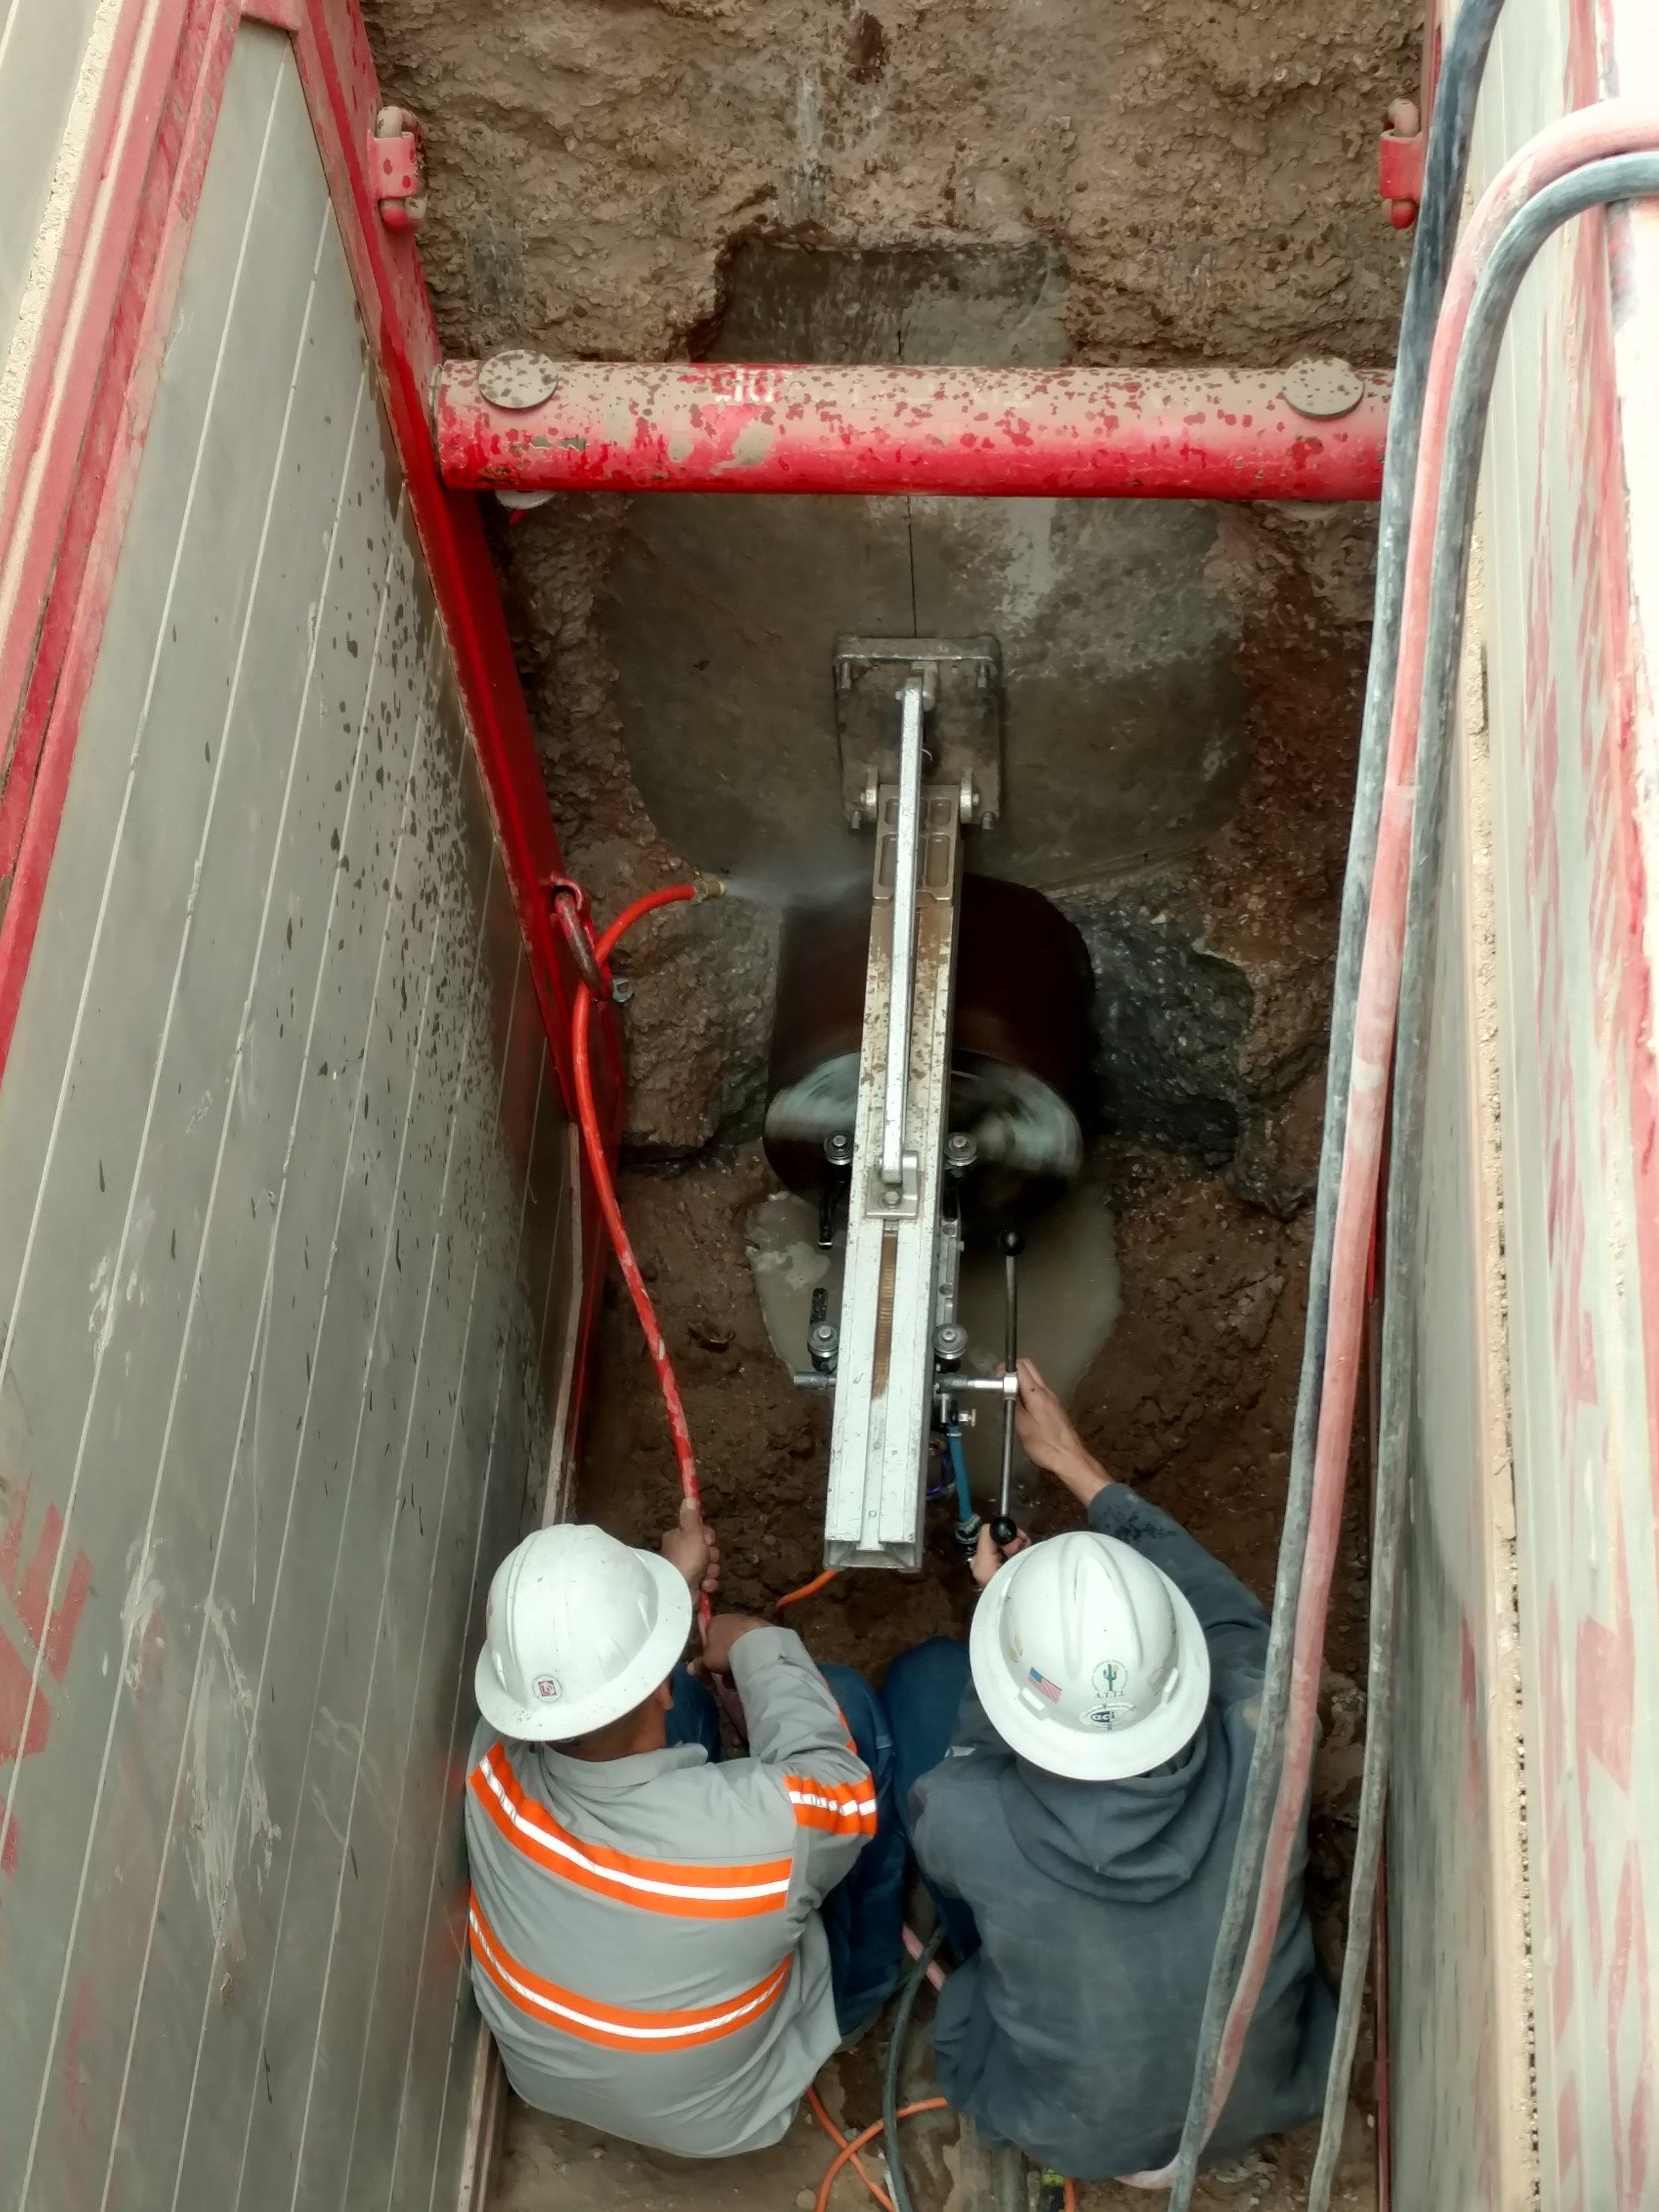 Crew hard at work near a manhole